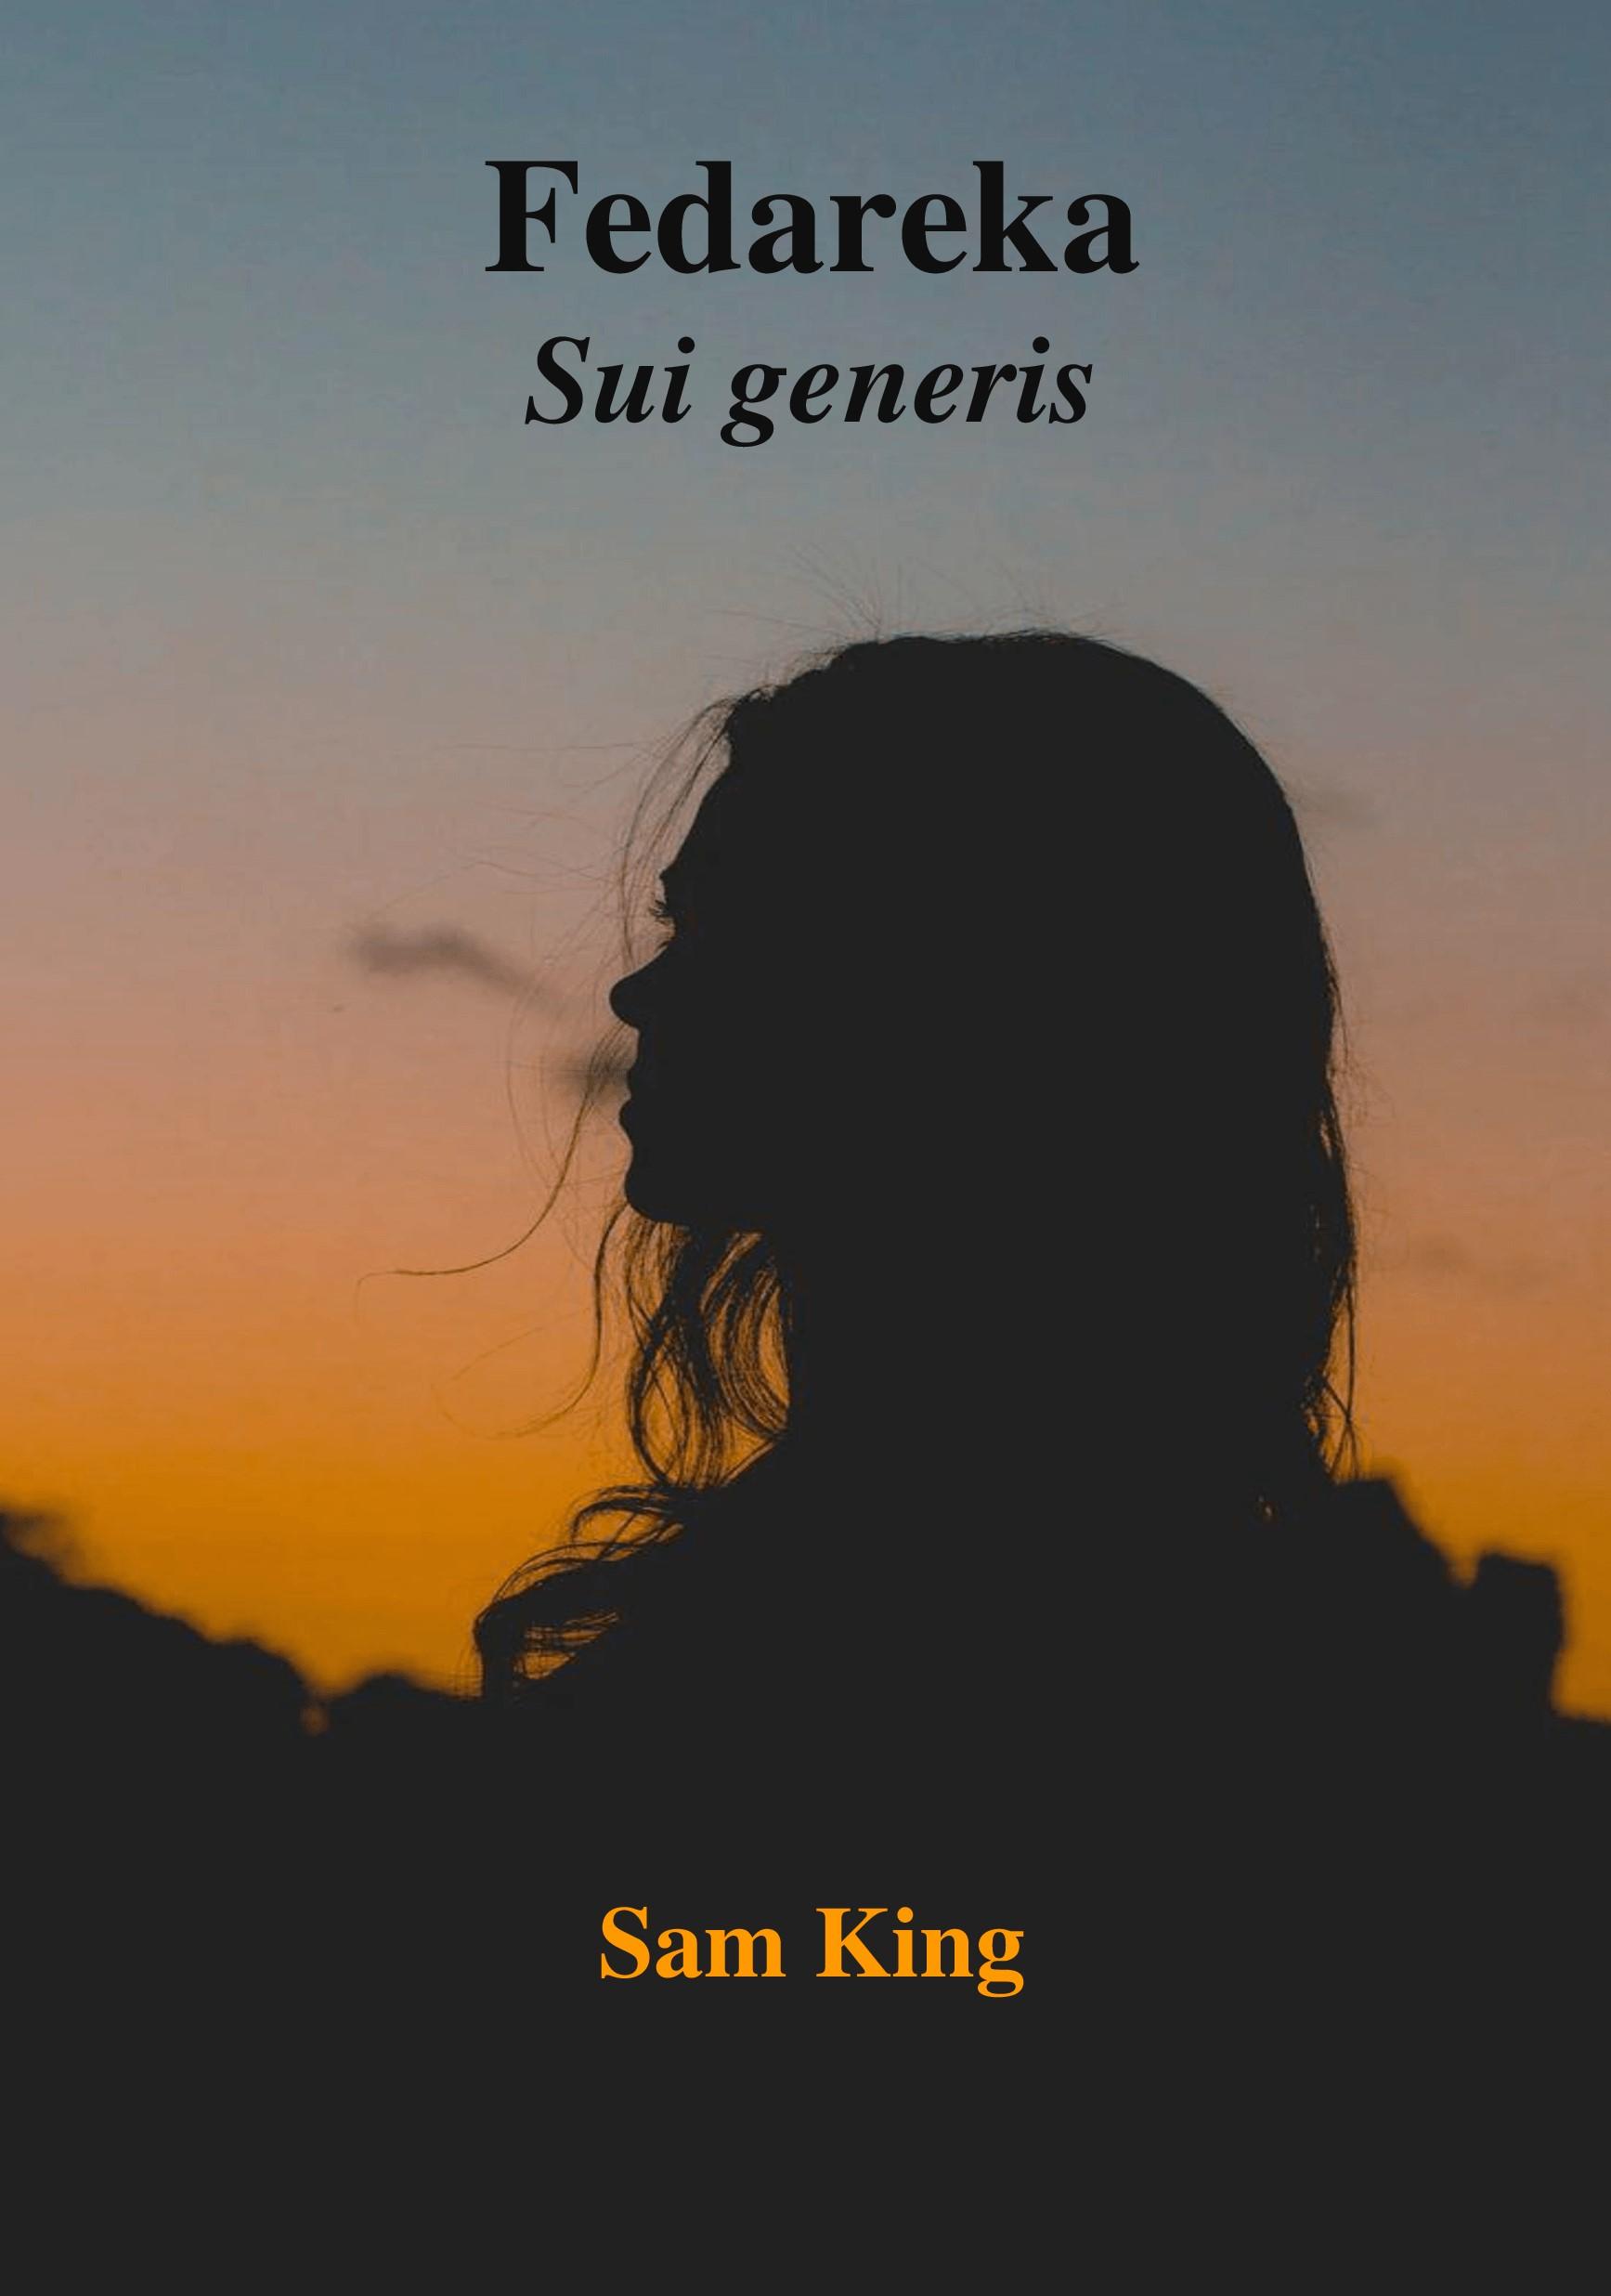 Fedareka Sui generis